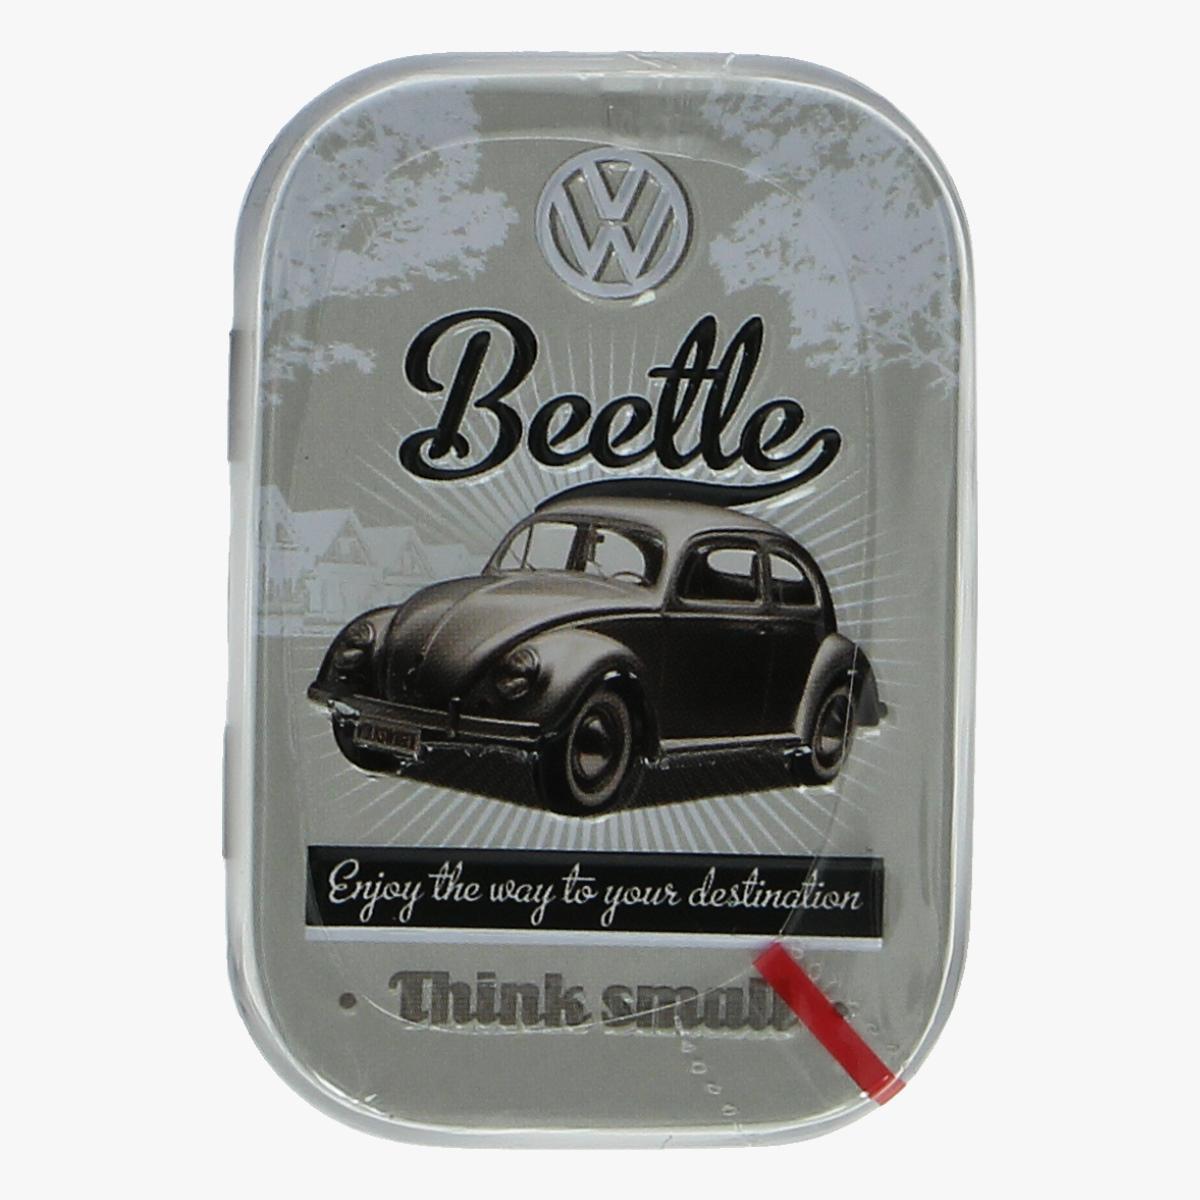 Afbeeldingen van blikken doosje suiker vrije mint snoepjes volkswagen beetle